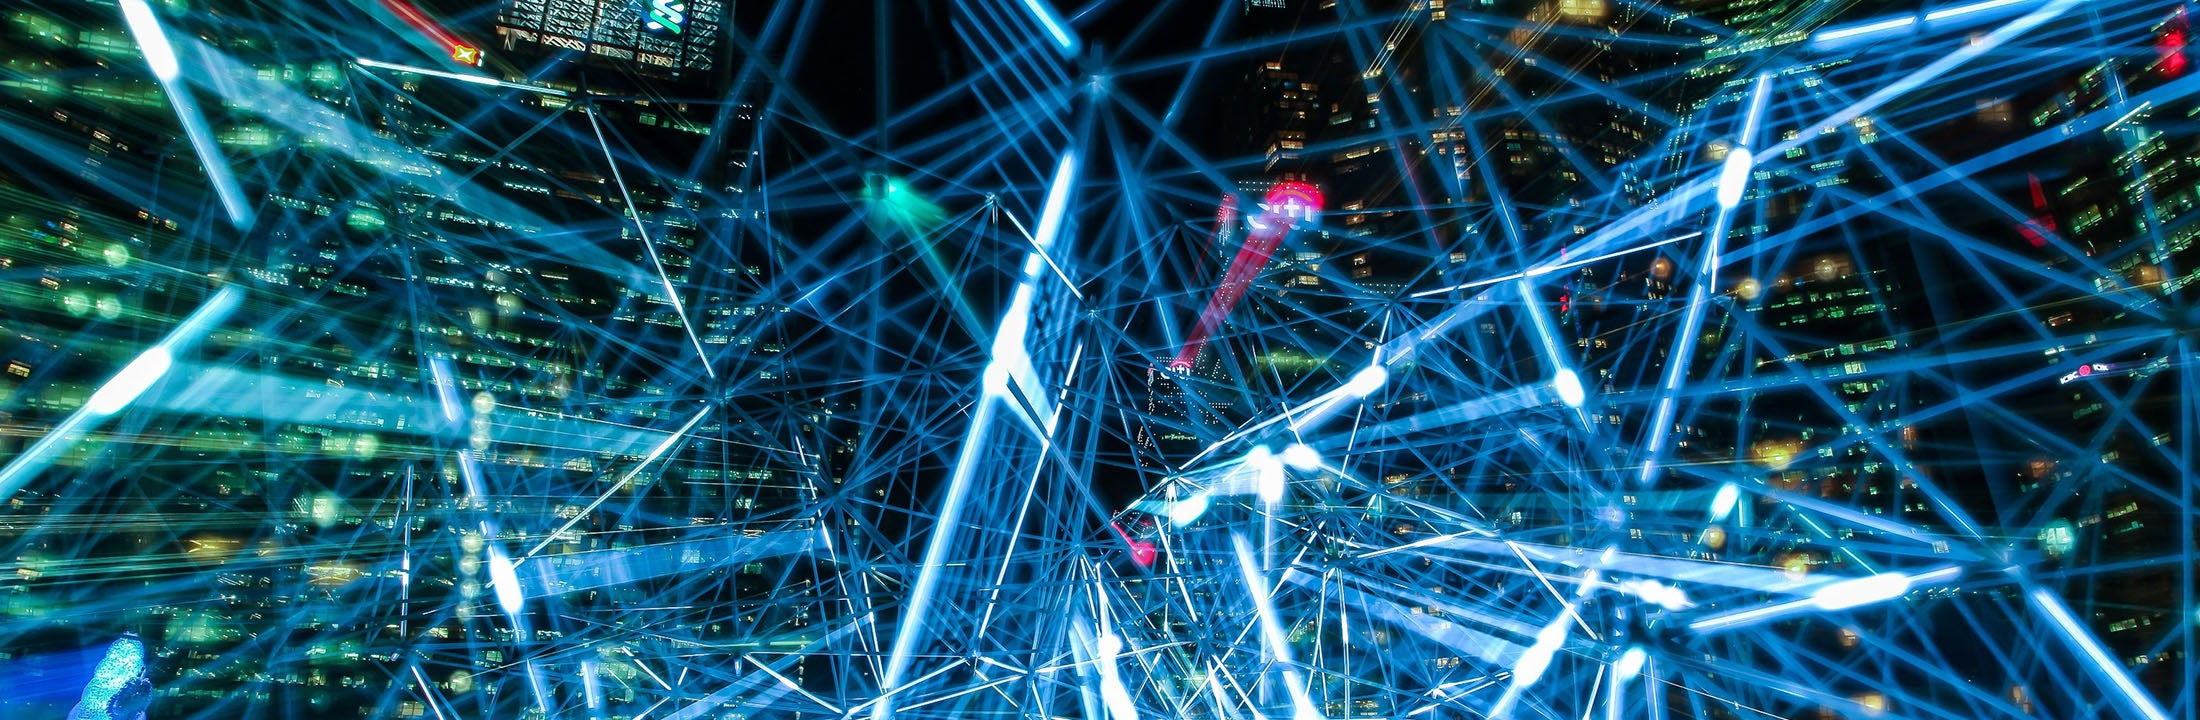 de beweging en bewerking van een big data computernetwerk